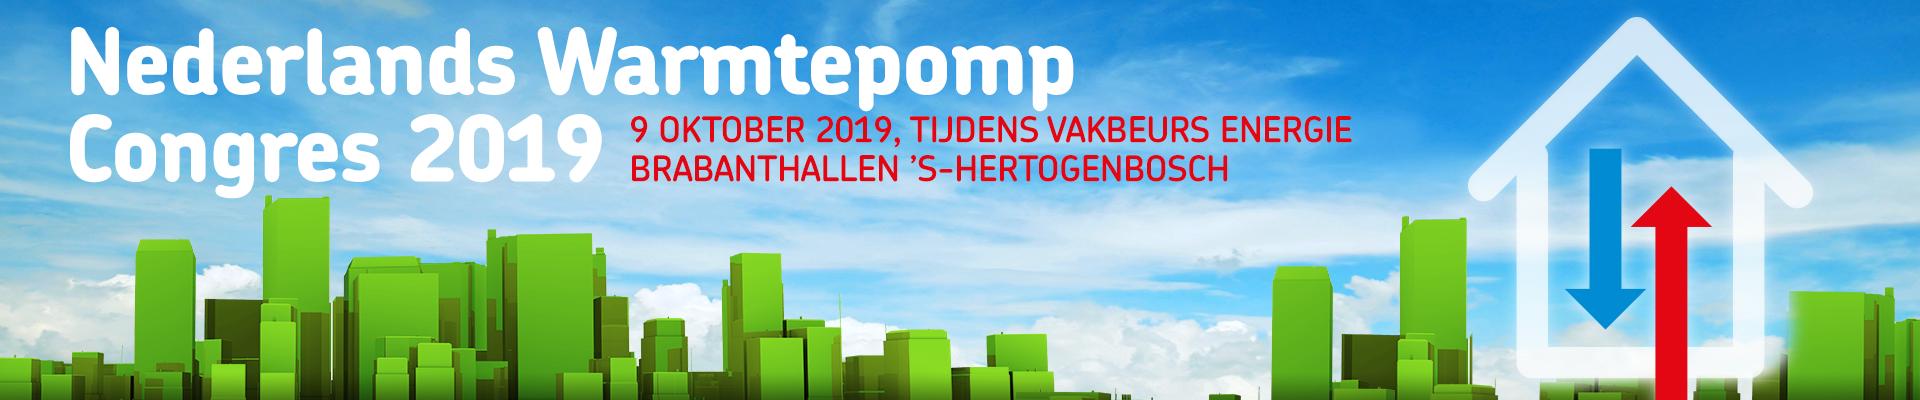 Het Nederlands Warmtepompen congres 2019